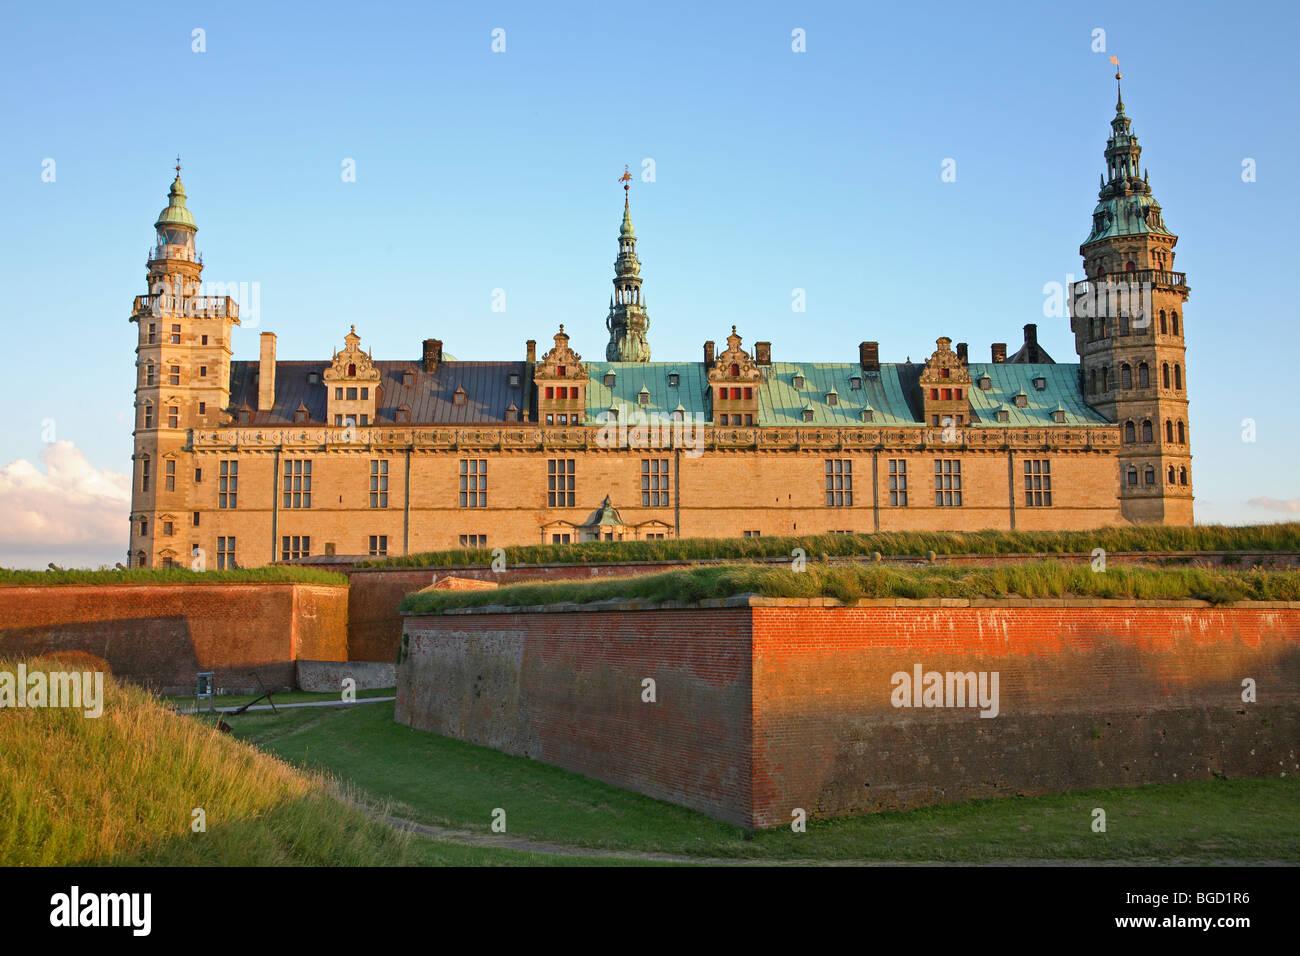 Le château renaissance de Kronborg à Helsingør, Danemark, dans le soleil du soir un soir d'été nordique. Banque D'Images